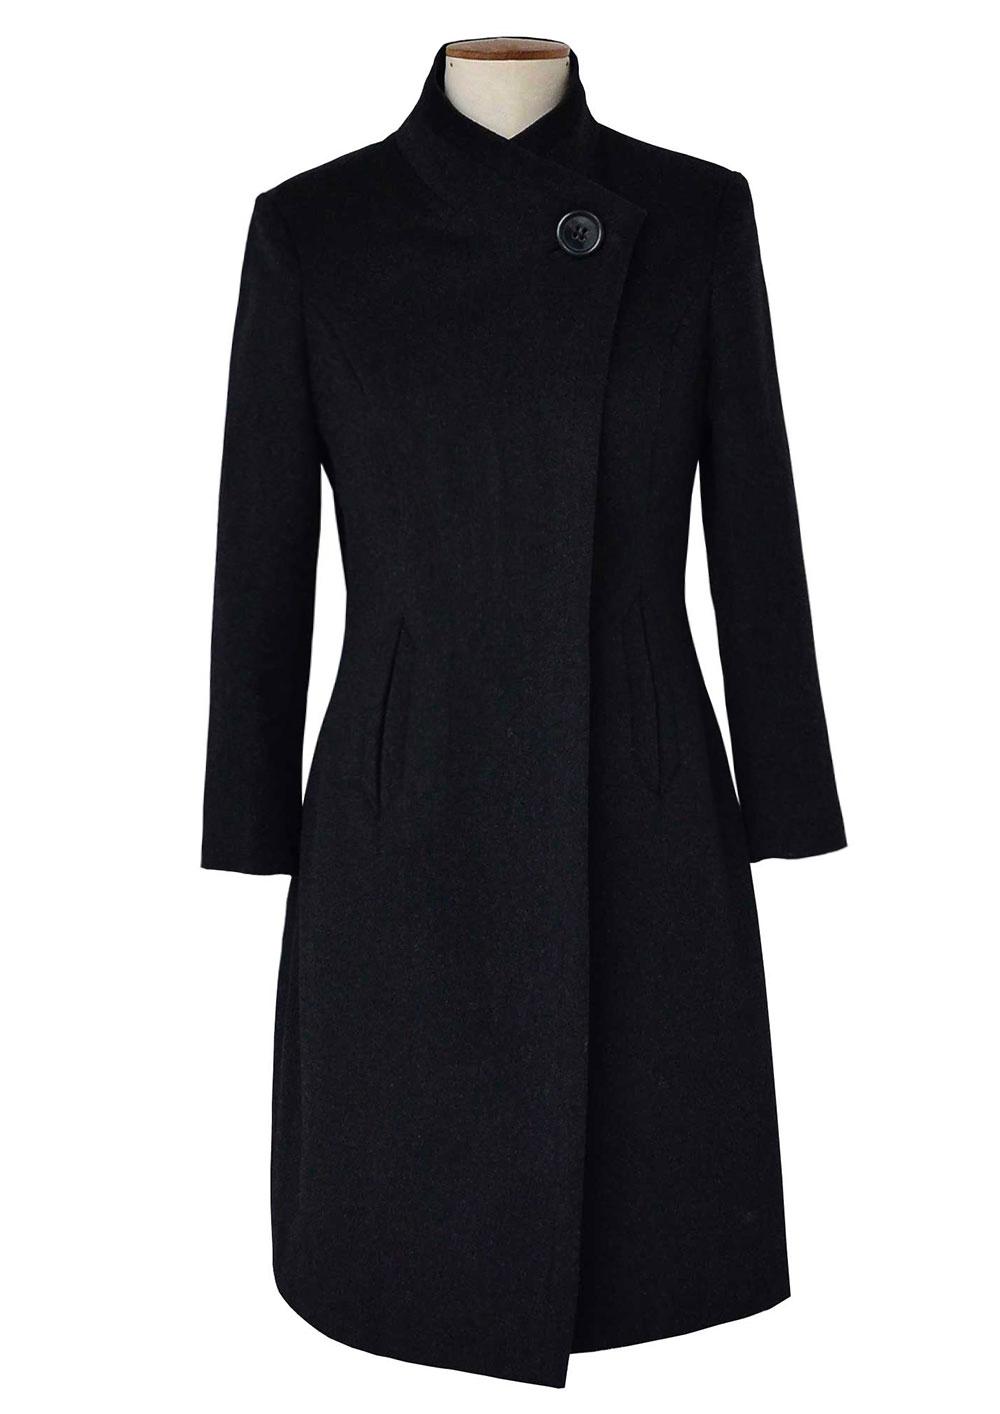 black-cashmere-designer-coat-petite